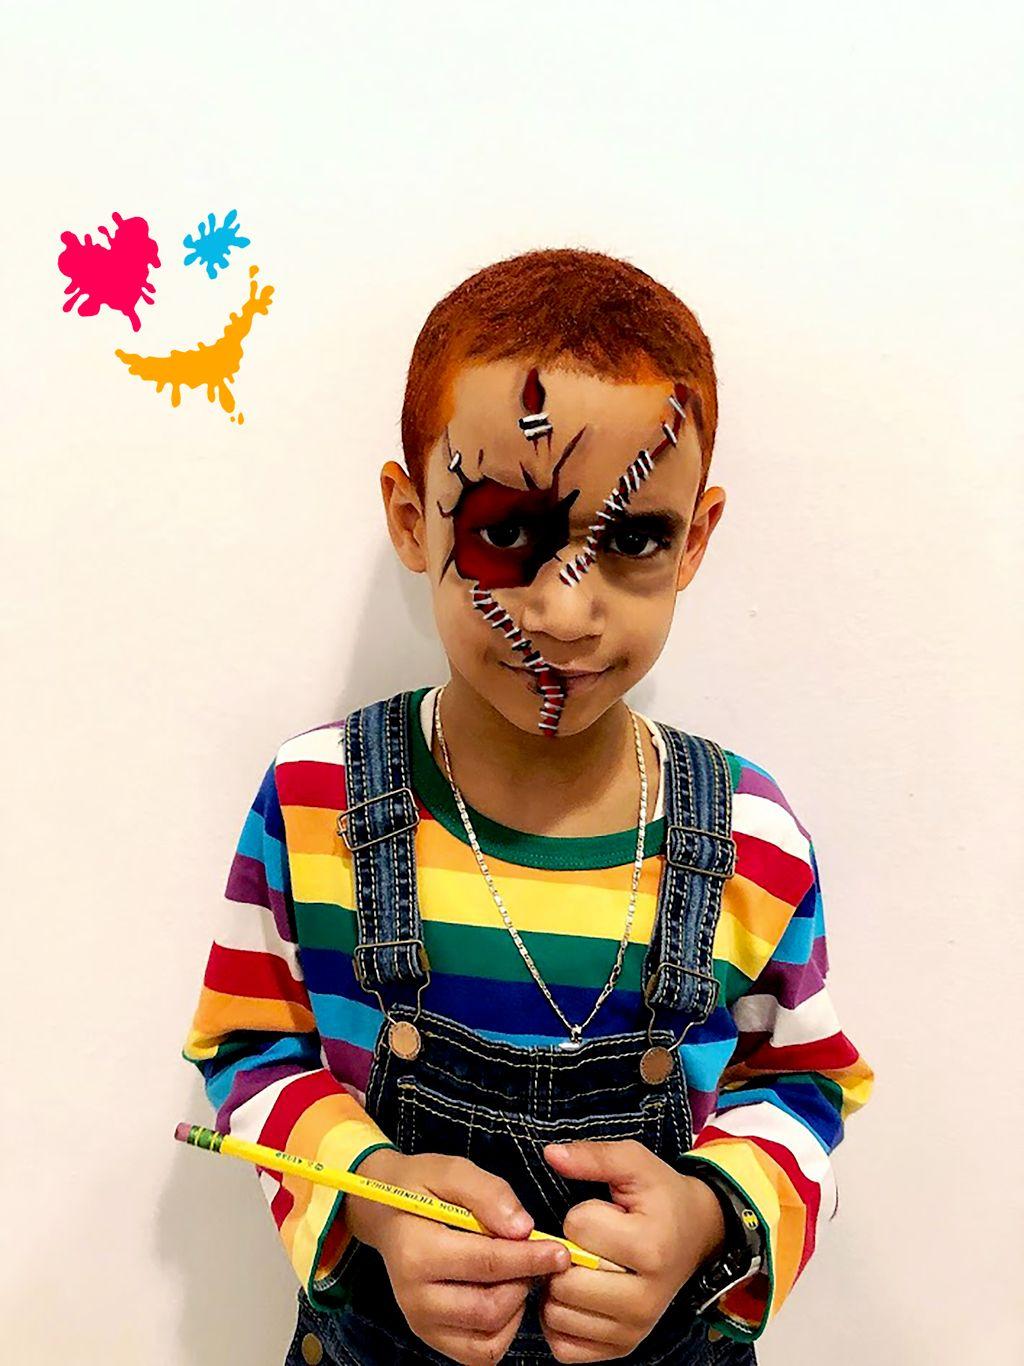 Chucky & Bride - Children's Costumes